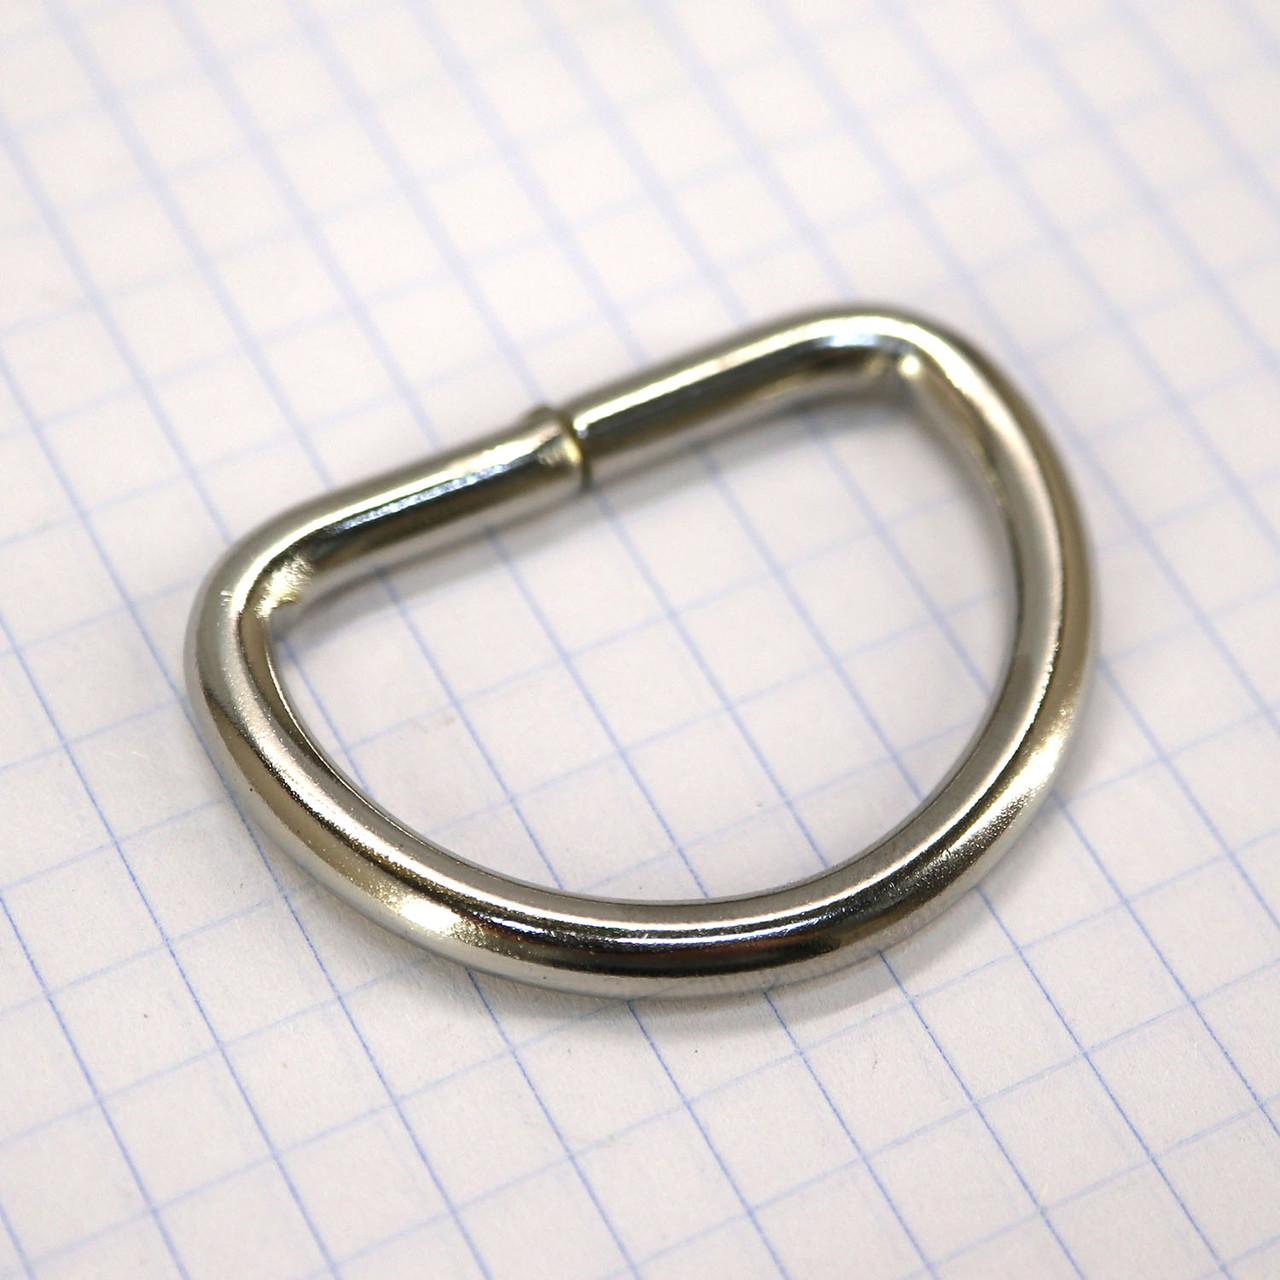 Полукольцо 30 мм никель 30*20*4 для сумок t4216 (30 шт.)